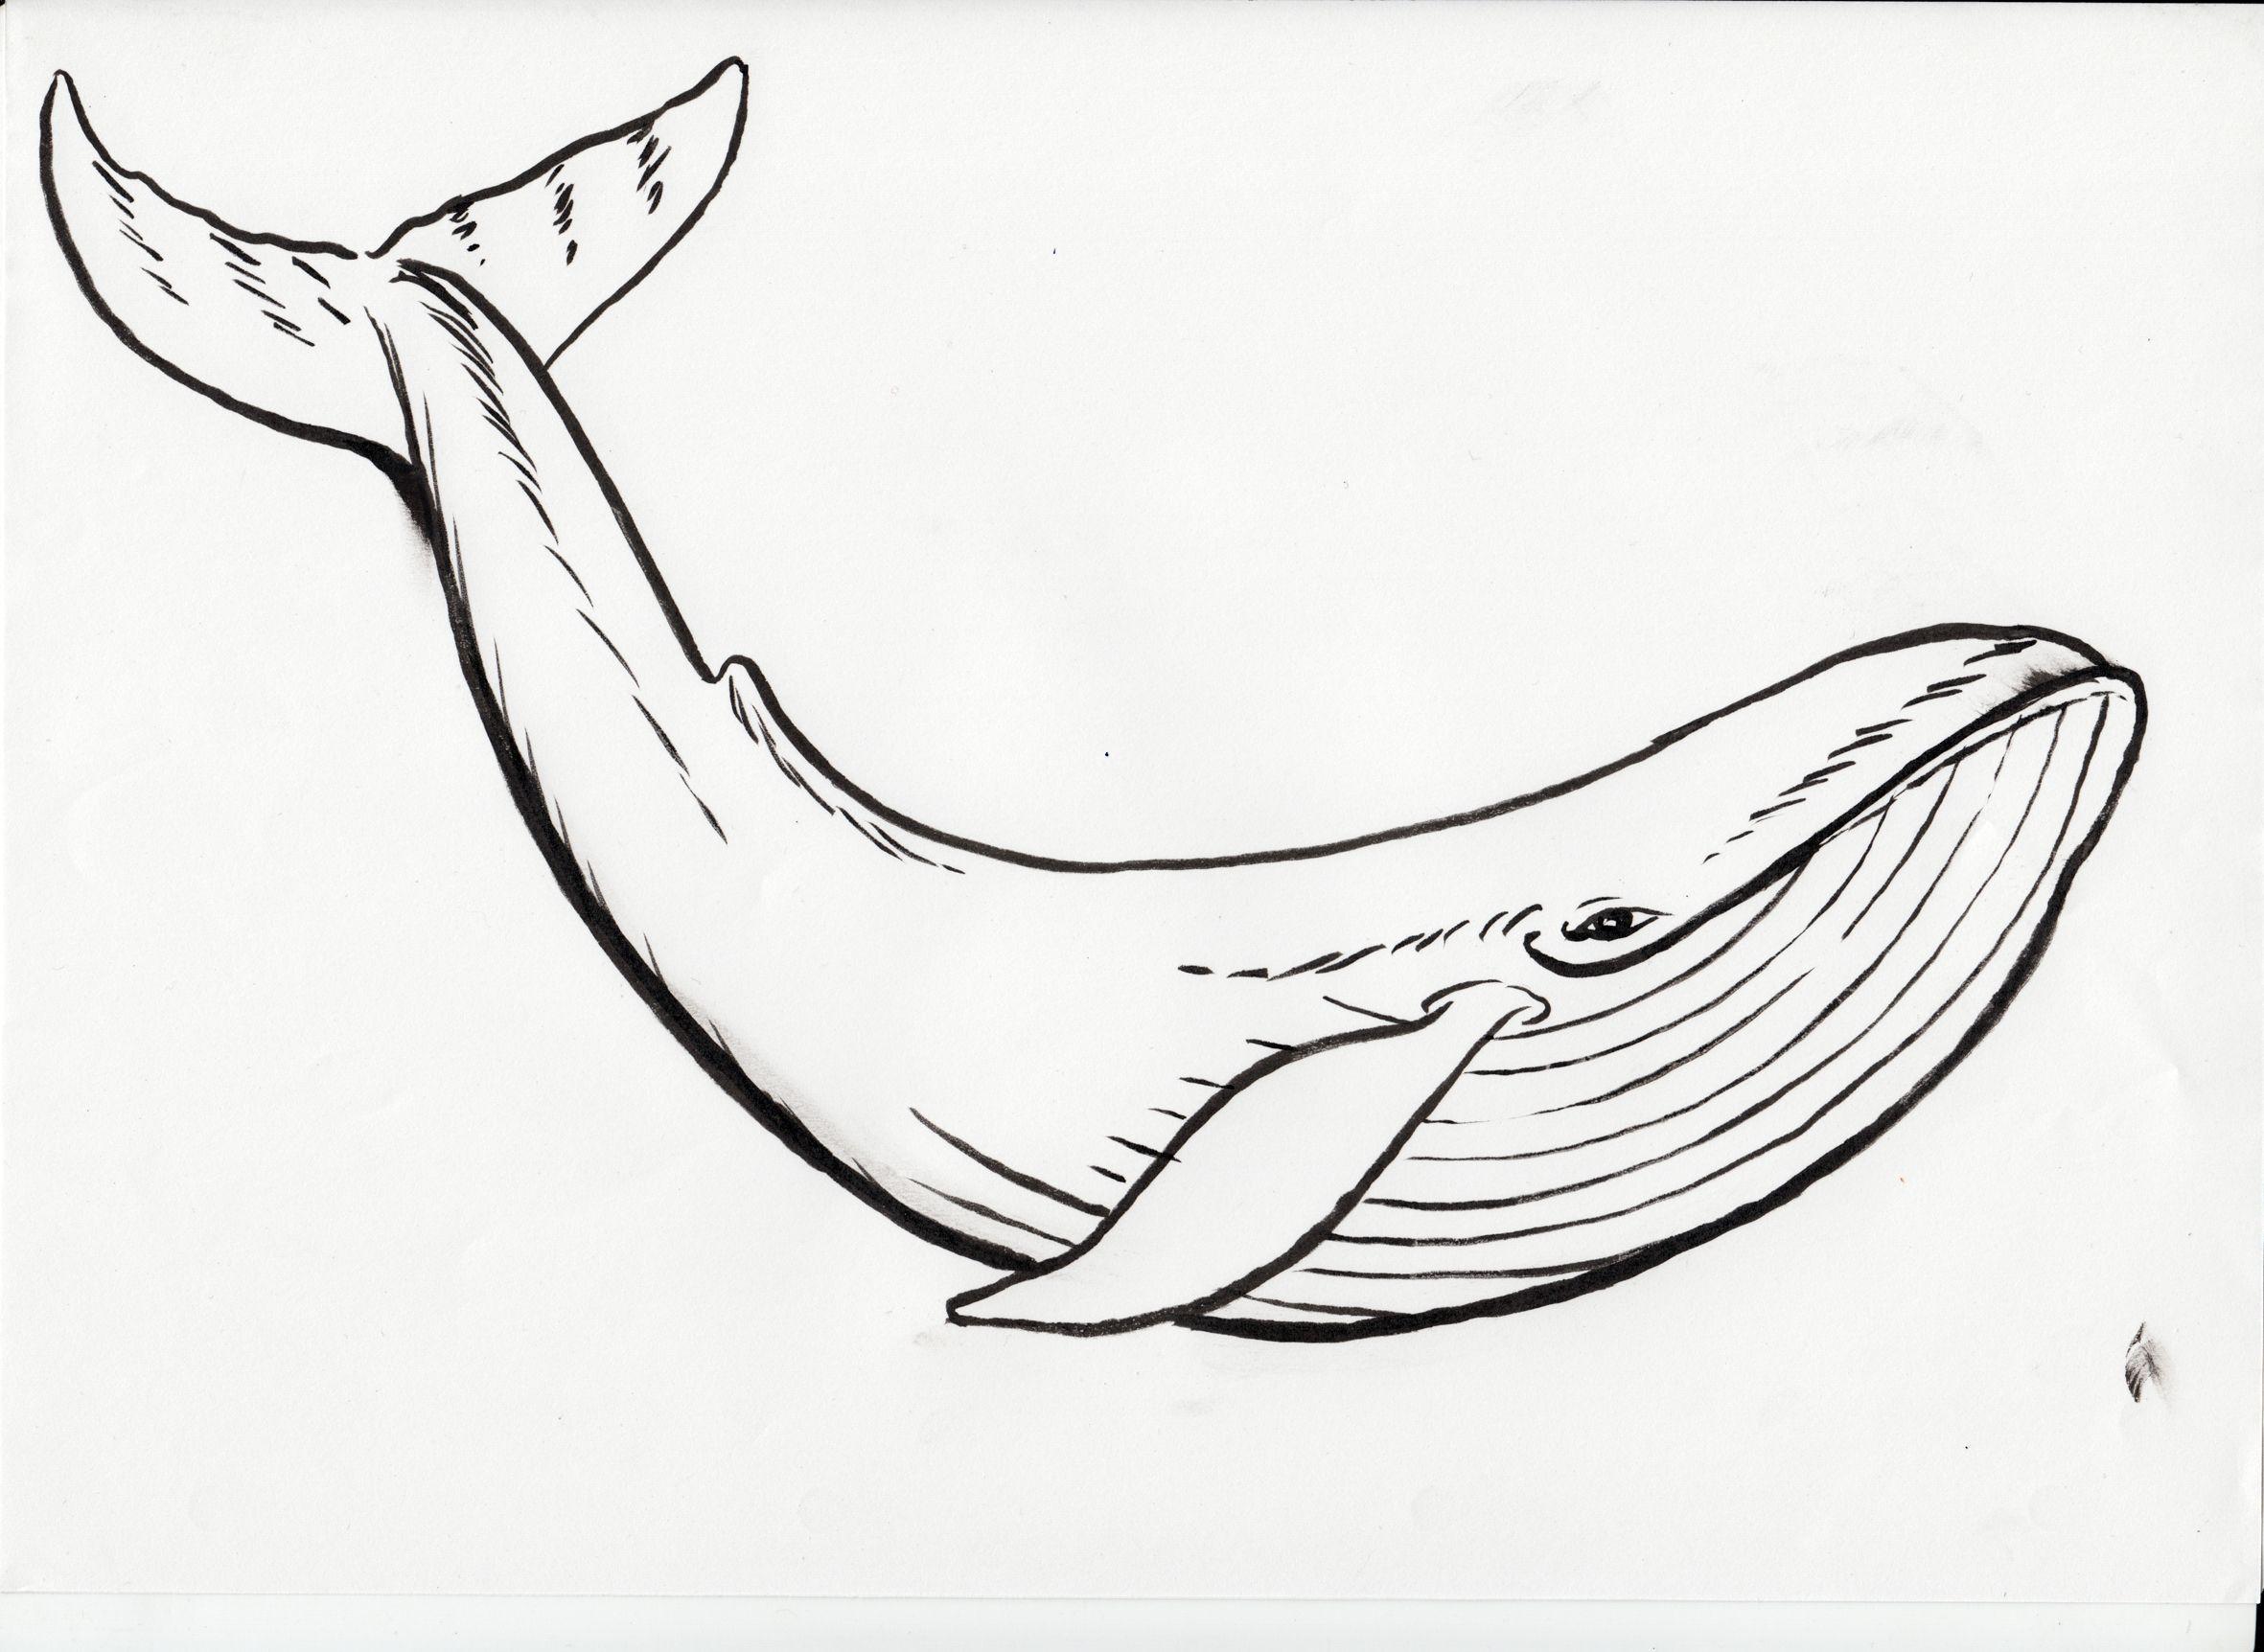 Un Dibujo Para Ninos De Una Ballena Azul Tatuajes De Ballenas